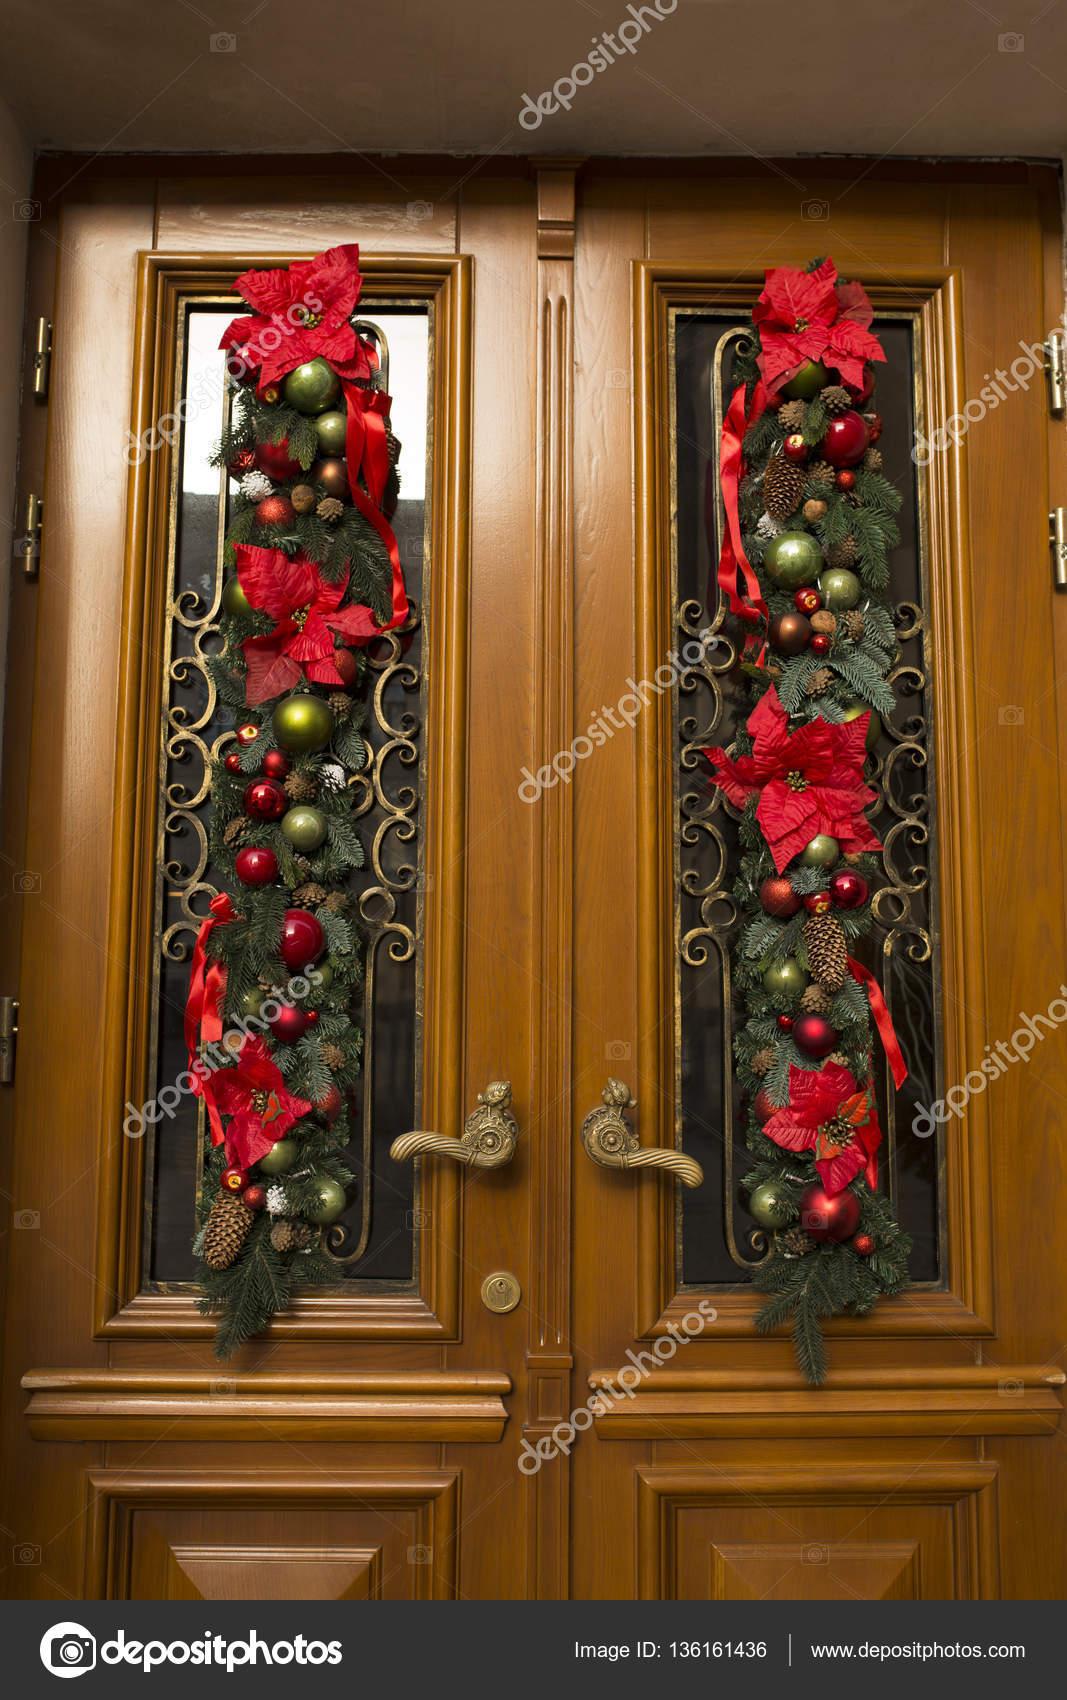 Puerta decorada de abeto flores y bolas decoraci n de navidad fotos de stock vika pavlyuk Puertas de madera decoradas